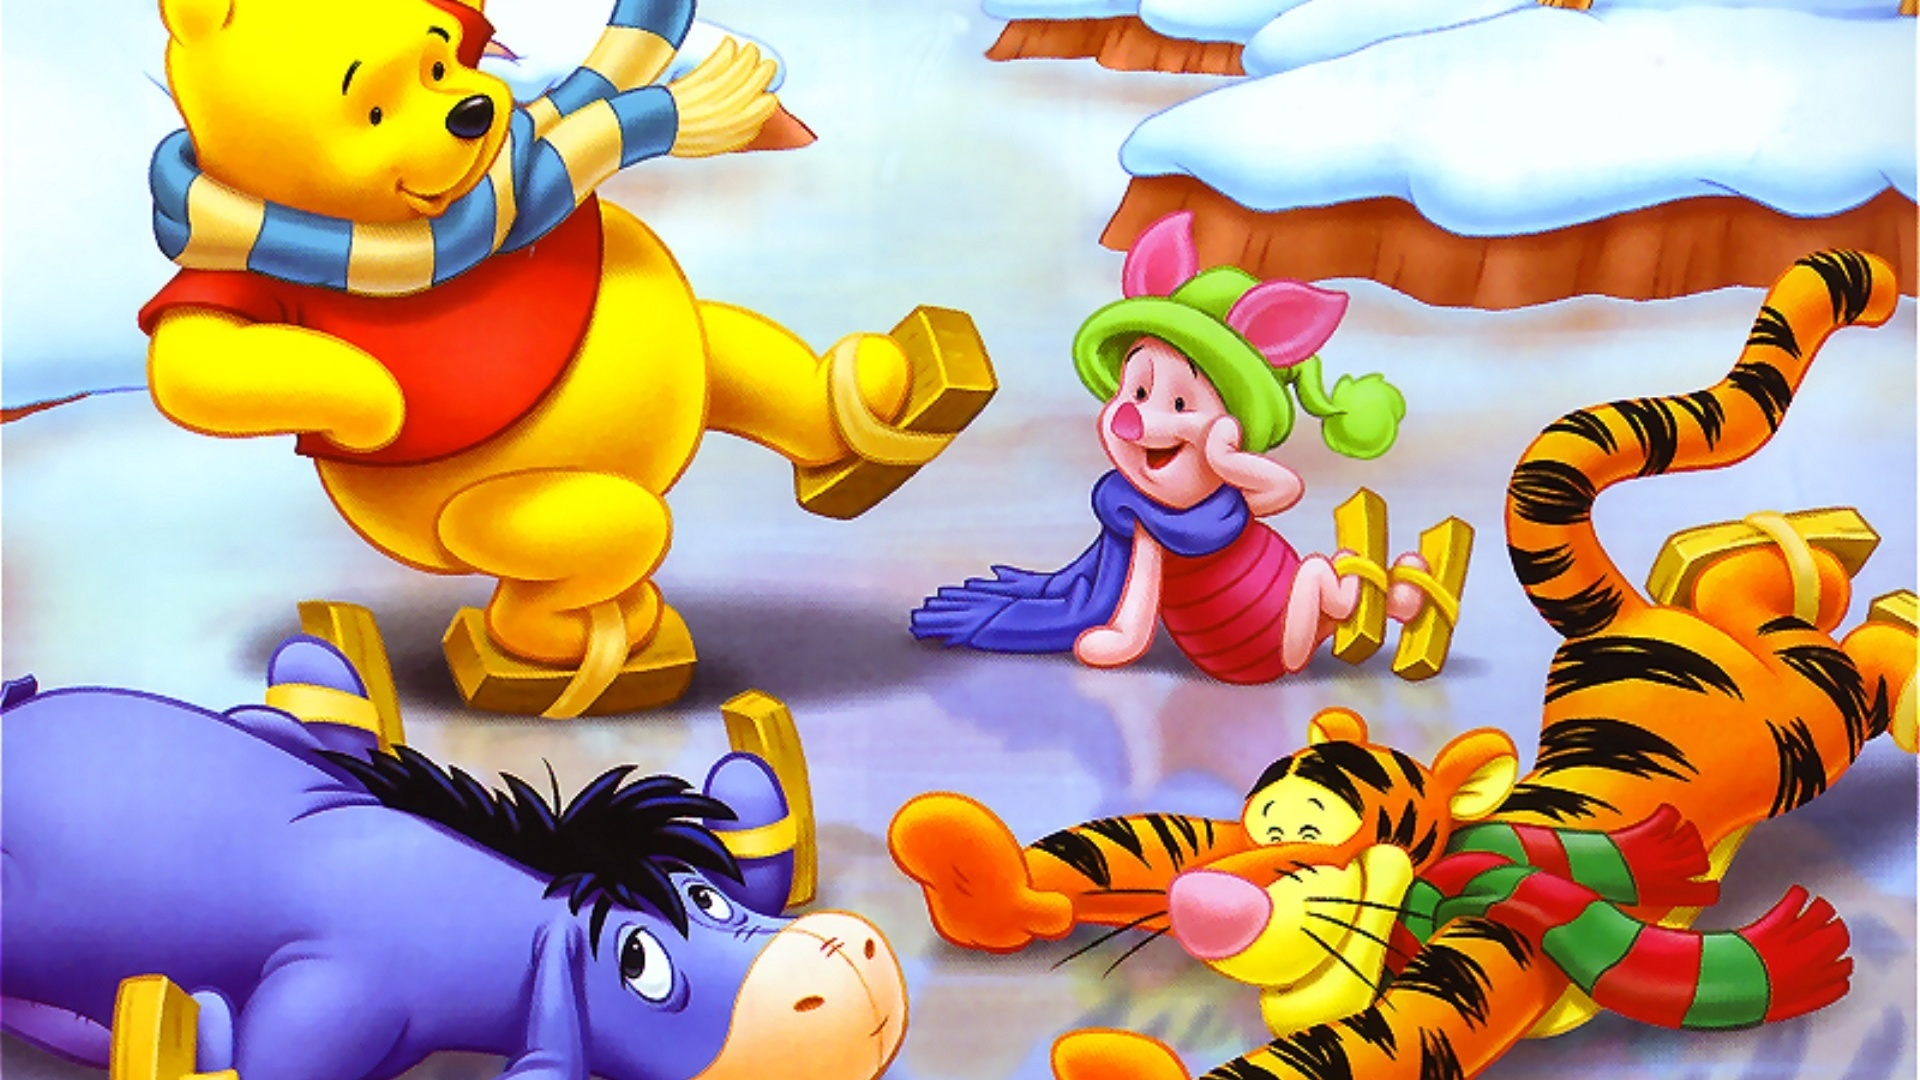 Картинка с героями мультфильмов последних лет, приколы